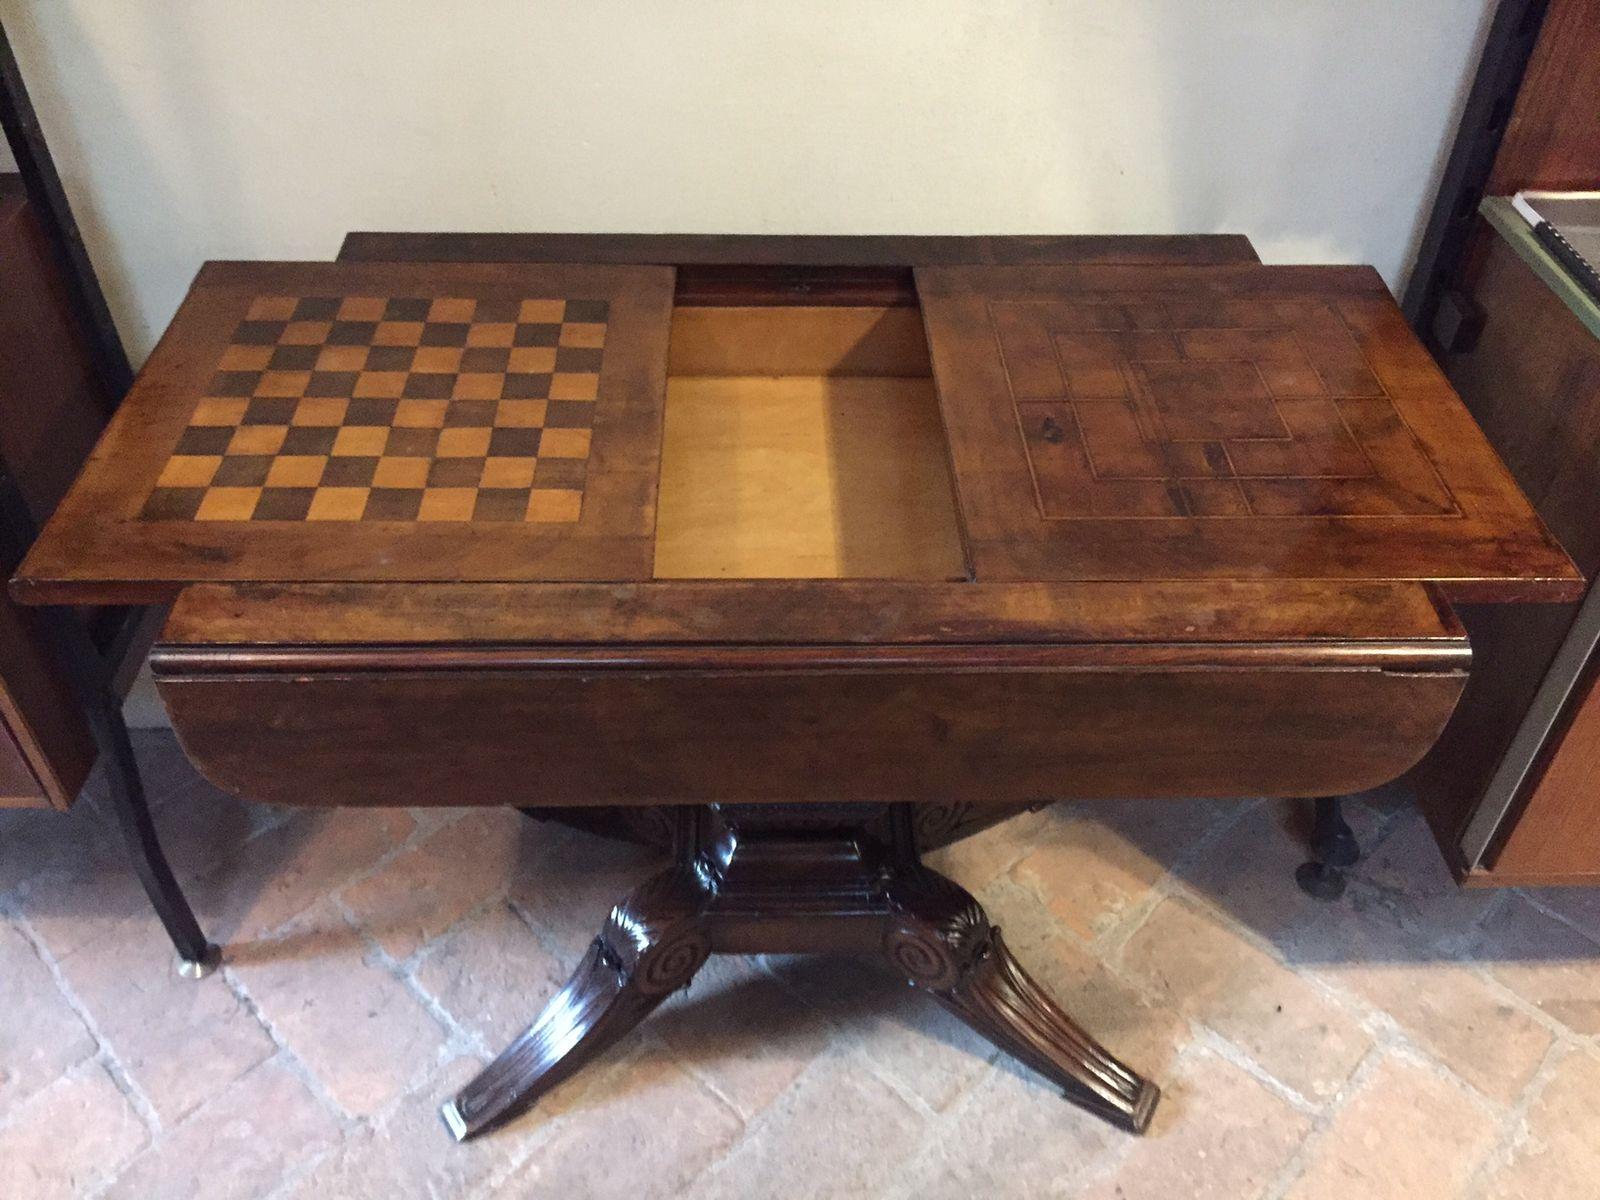 Tavolo da gioco xix secolo in vendita su pamono - Voodoo gioco da tavolo ...